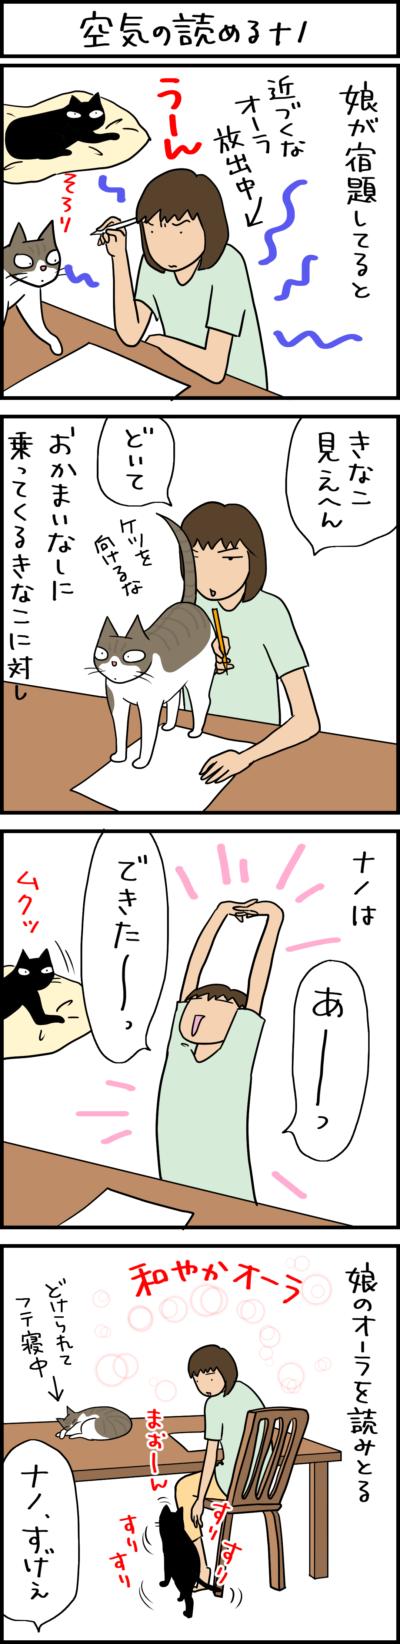 空気の読めるネコの4コマ猫漫画